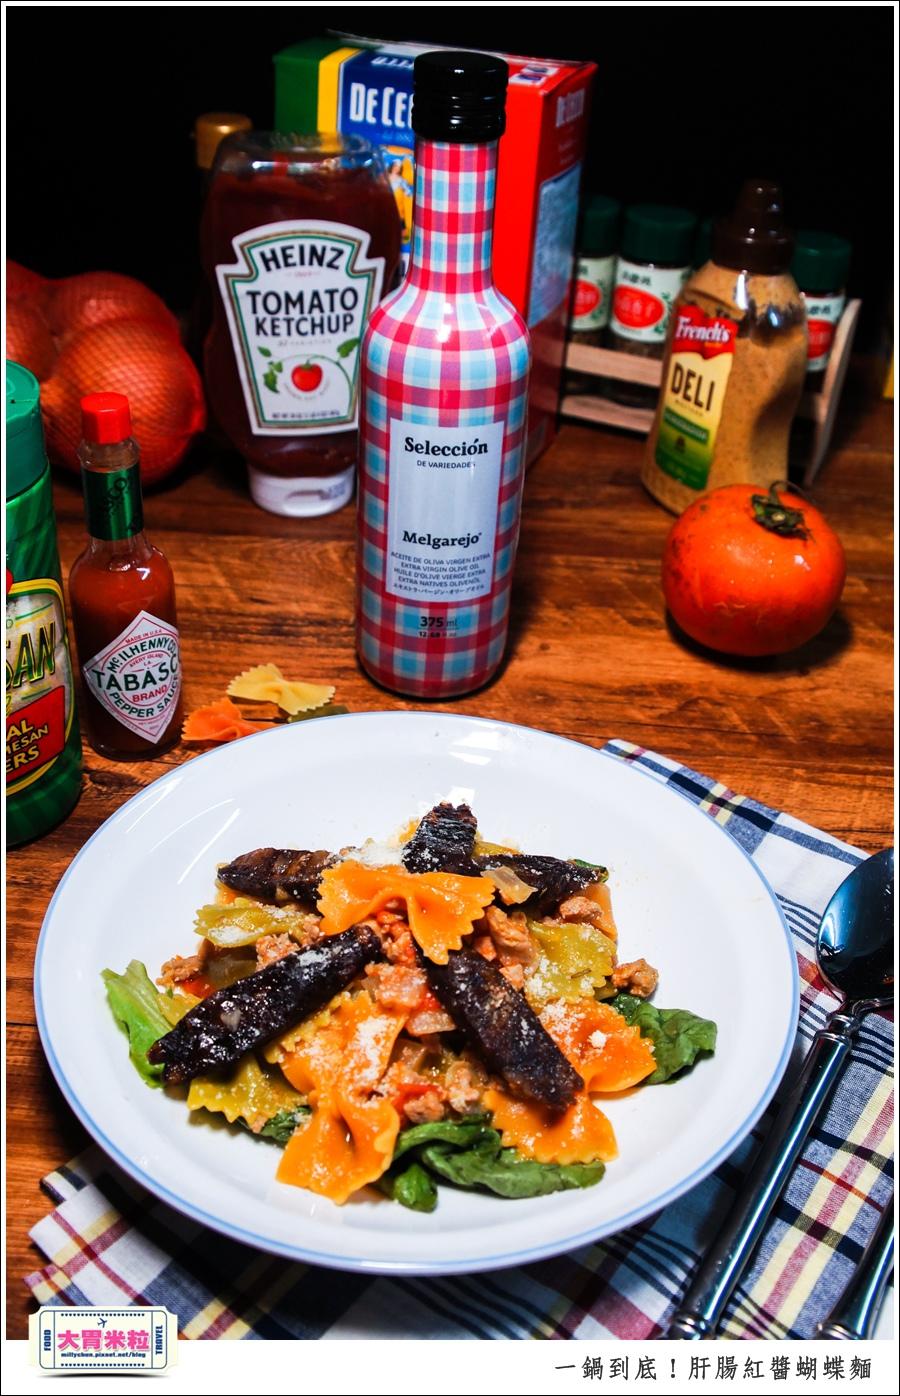 一鍋到底!肝腸紅醬蝴蝶麵x梅爾雷赫頂級初榨橄欖油食譜推薦@大胃米粒0017.jpg